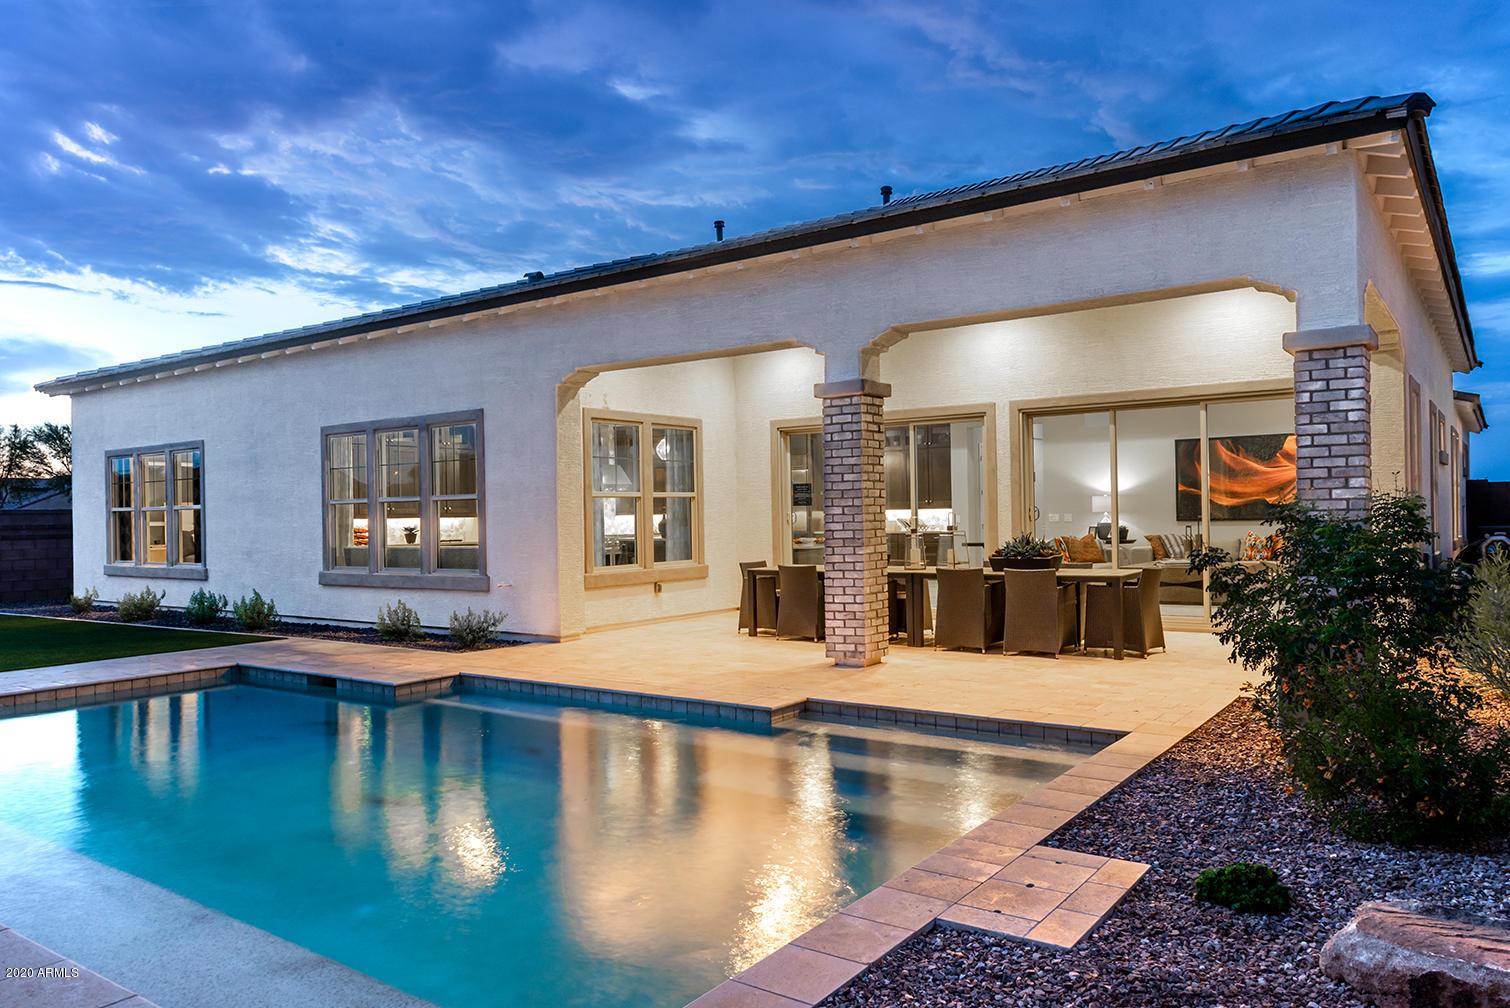 MLS 6133695 4055 E Grand Canyon Drive, Chandler, AZ 85249 Chandler AZ Newly Built